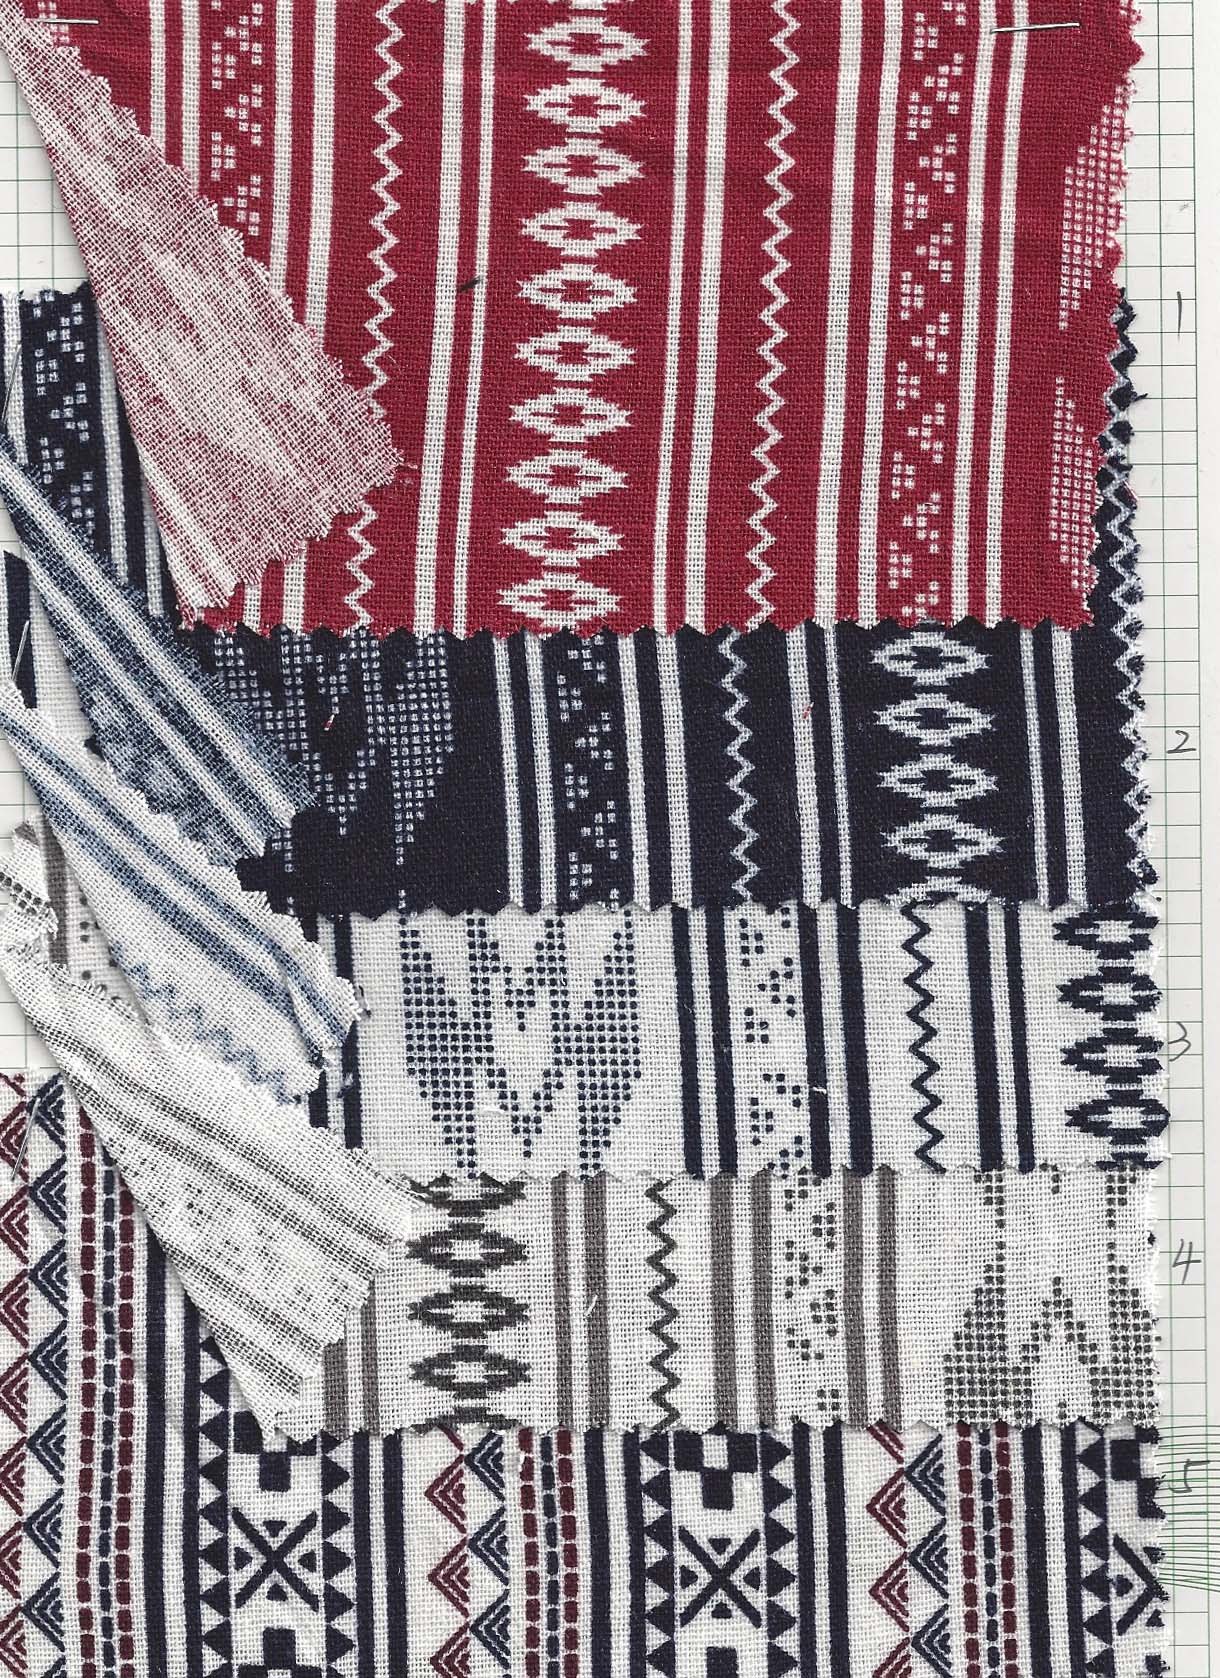 Textile Da Yuan M1351.jpg